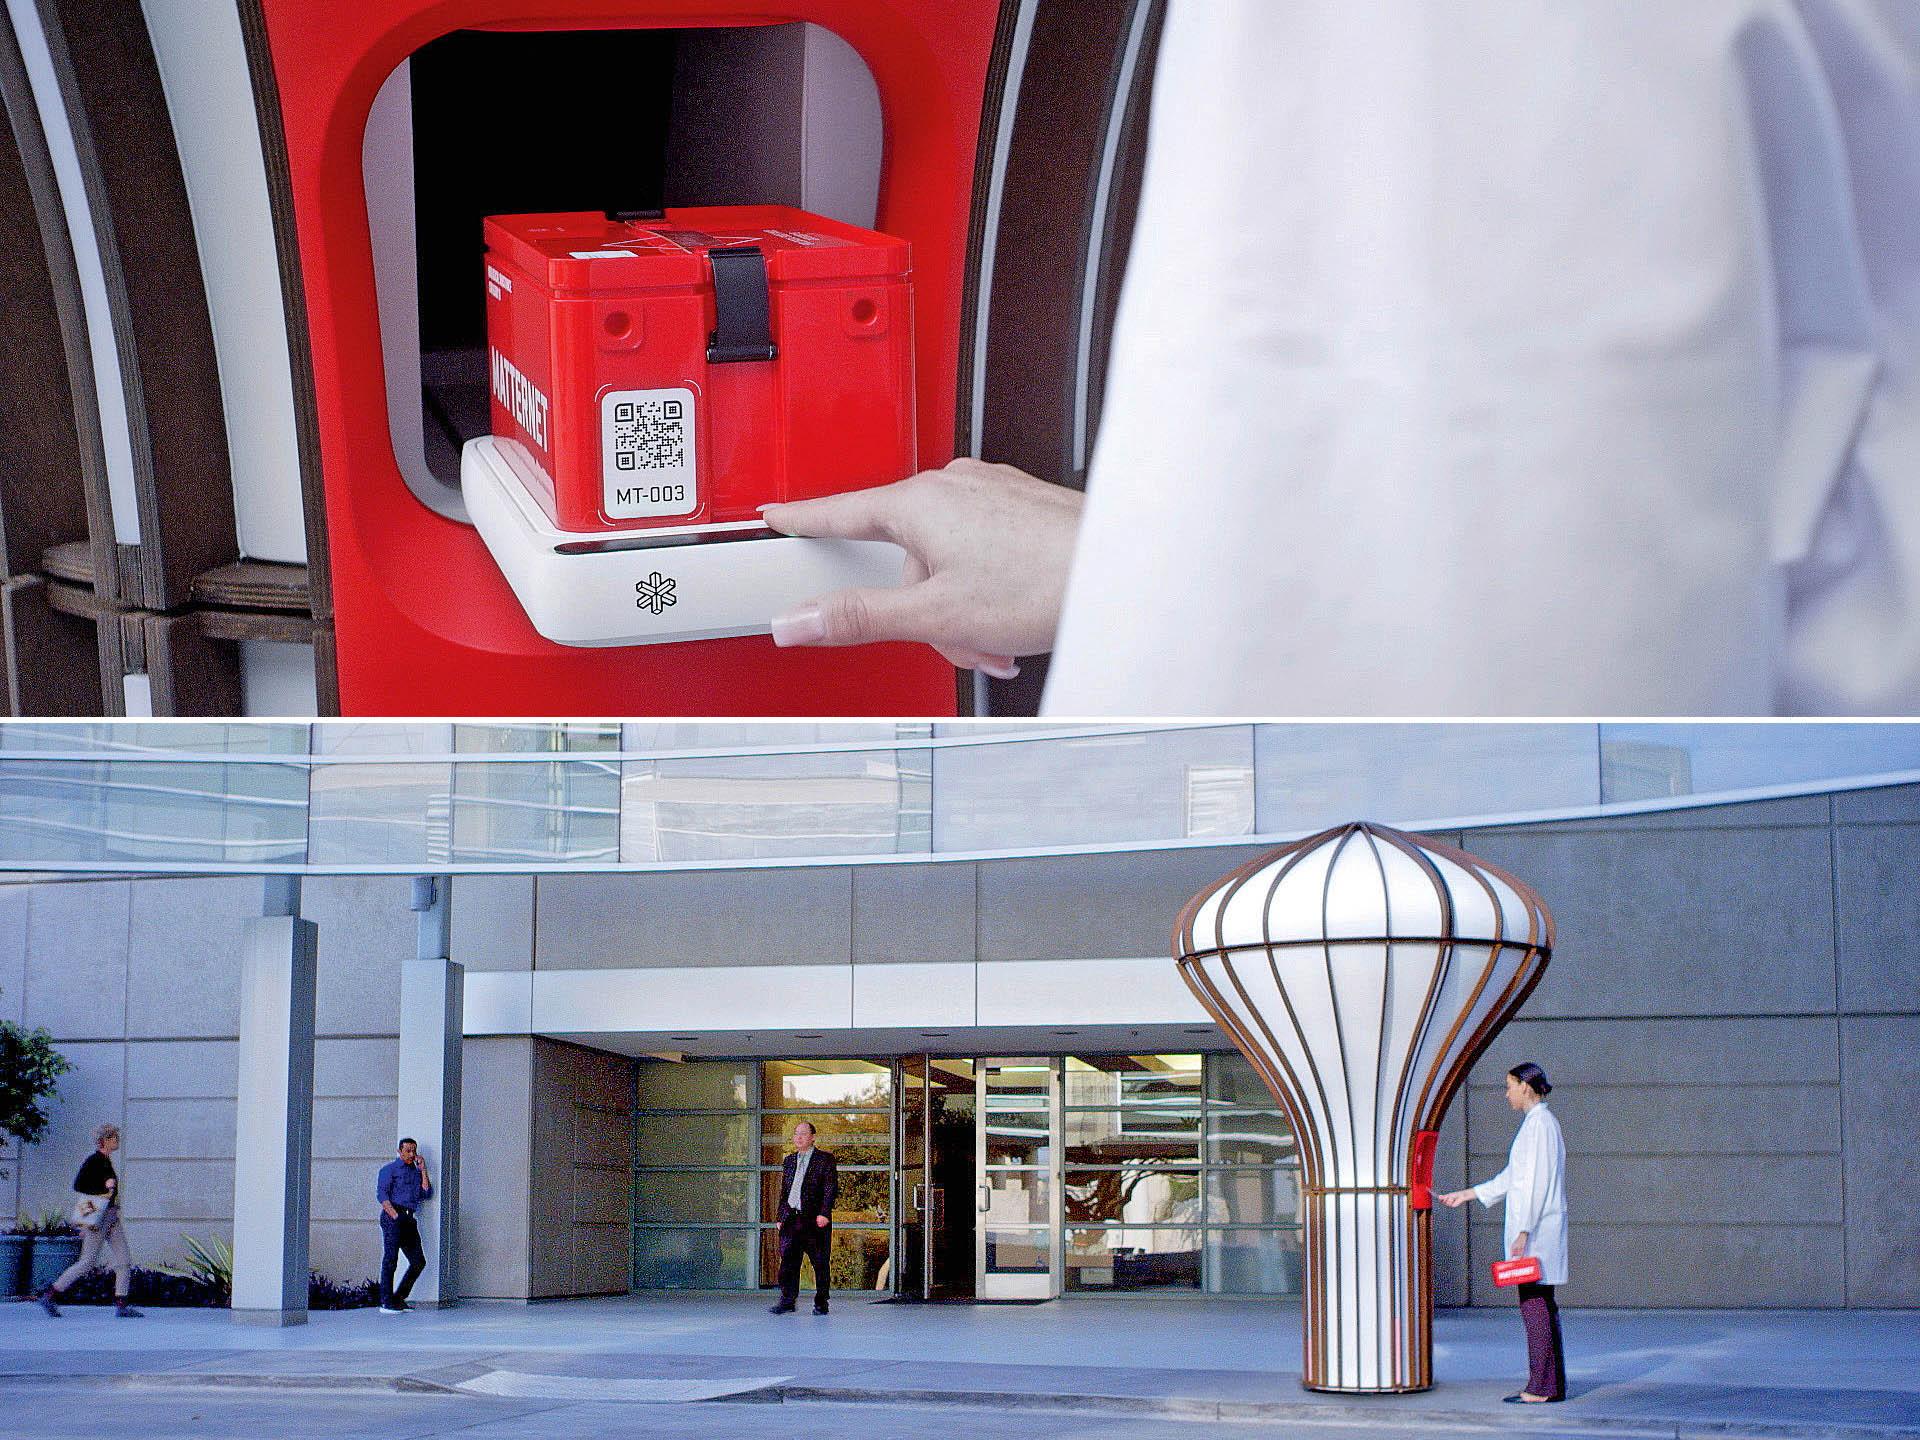 Startovací apřistávací stanice se mají instalovat ukaždé nemocnice využívající sítě kvadrokoptér kpřepravě urgentních zásilek.